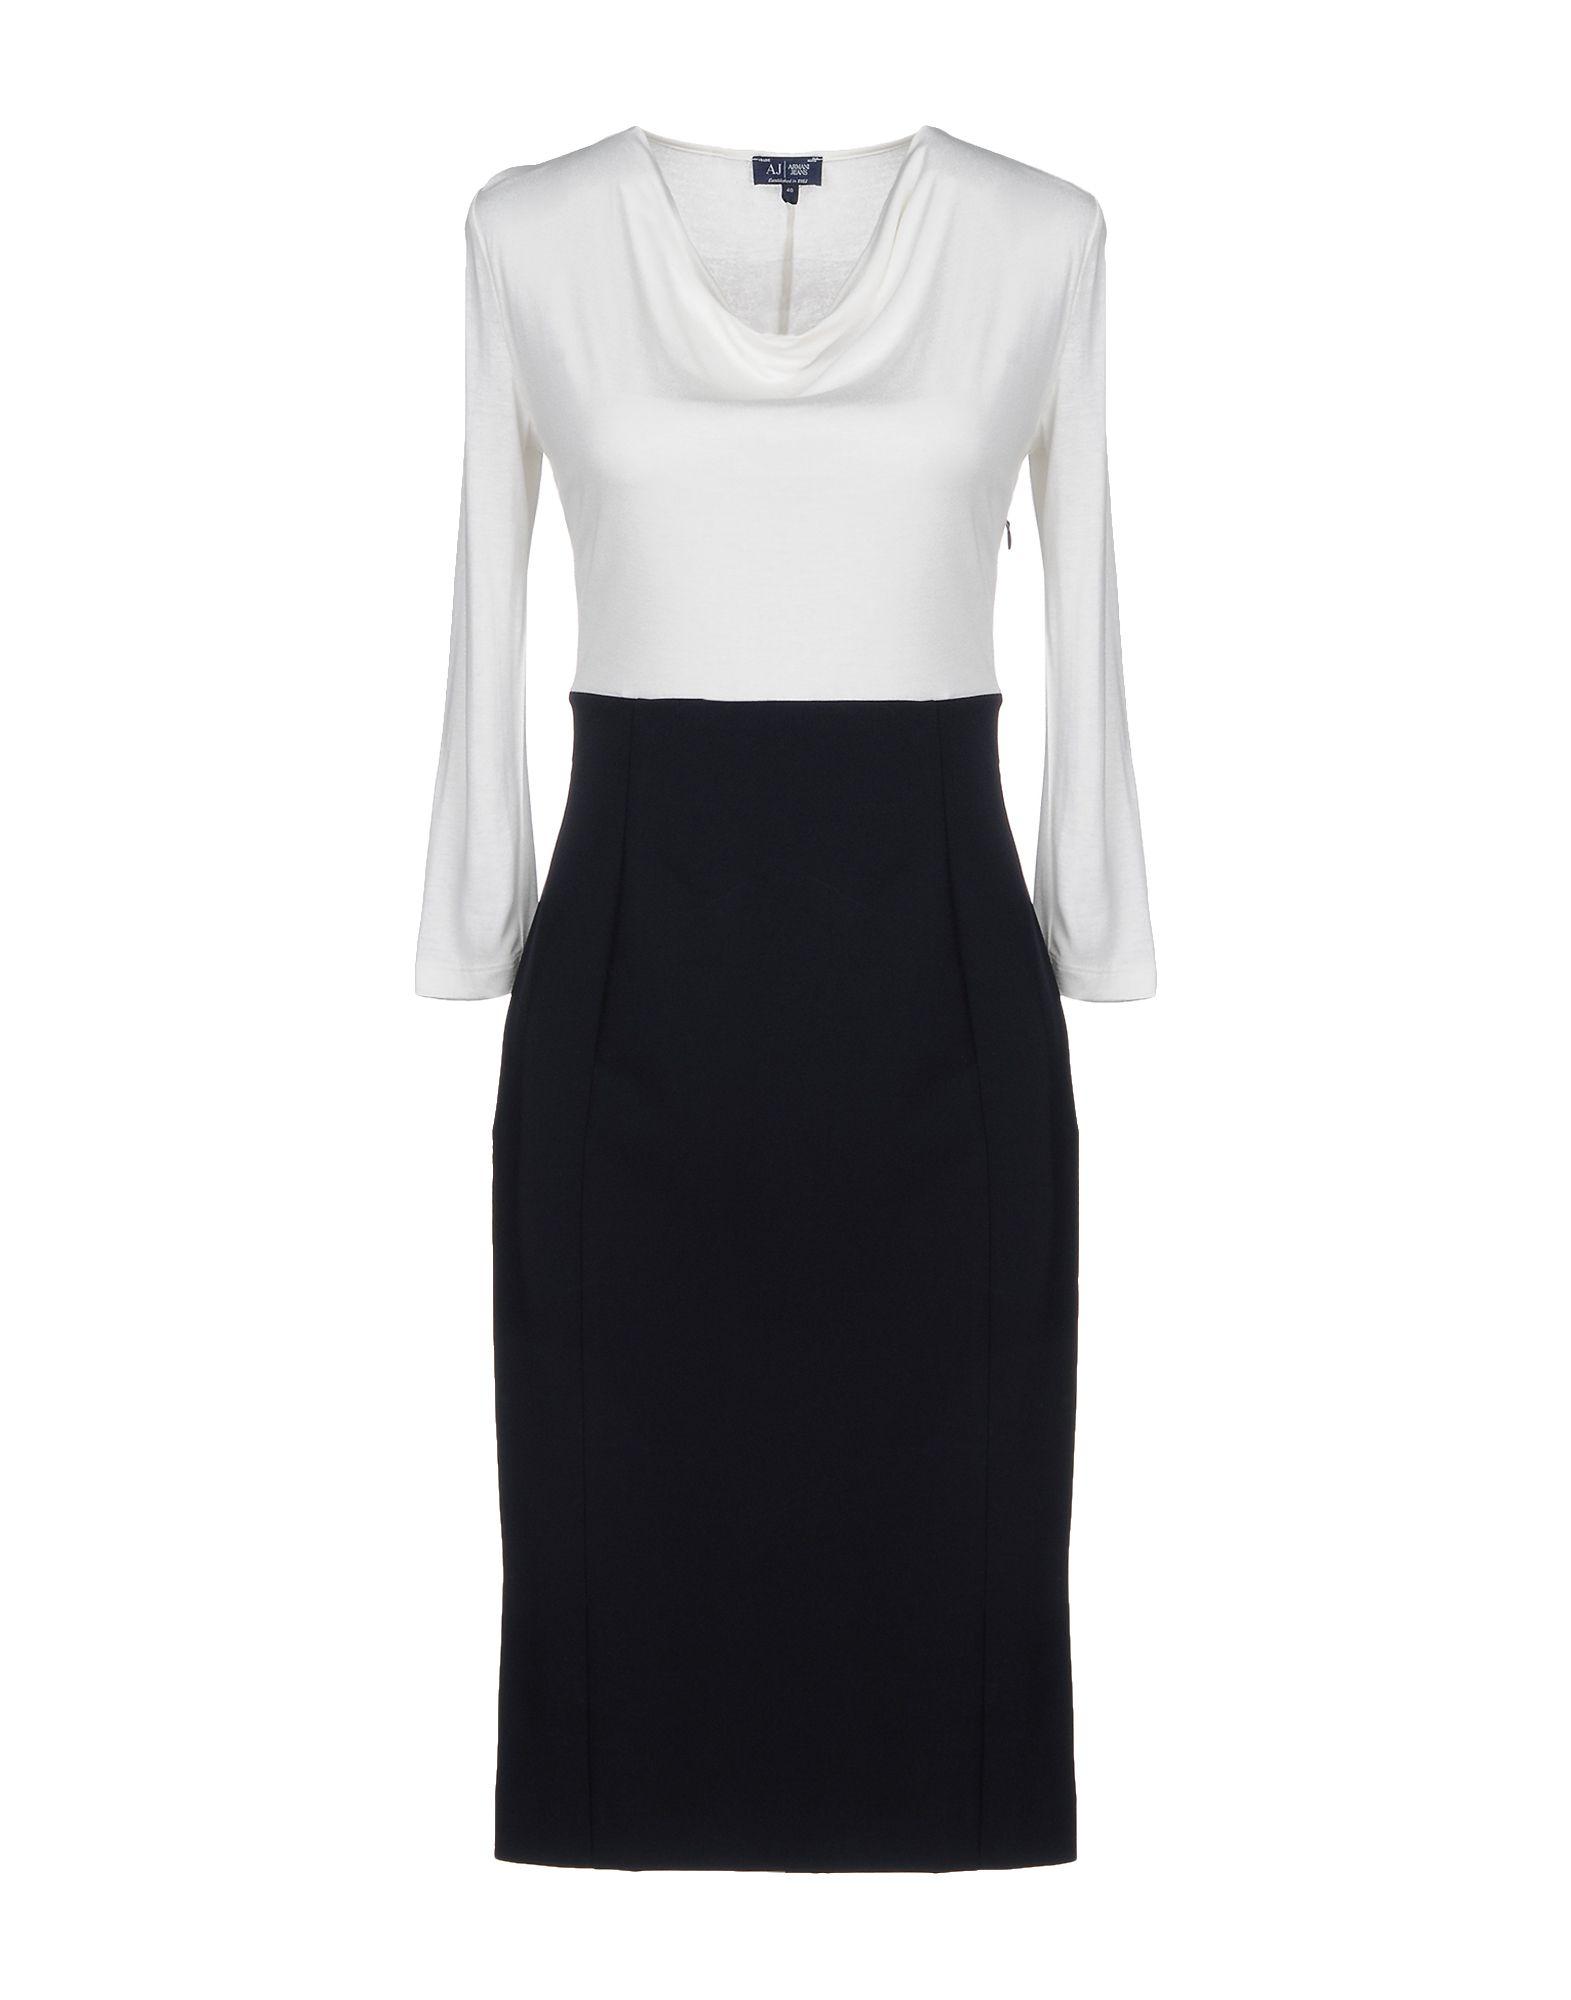 Vestiti Donna Armani Jeans Collezione Primavera-Estate e Autunno-Inverno -  Acquista online su YOOX 3e1fa4f9691